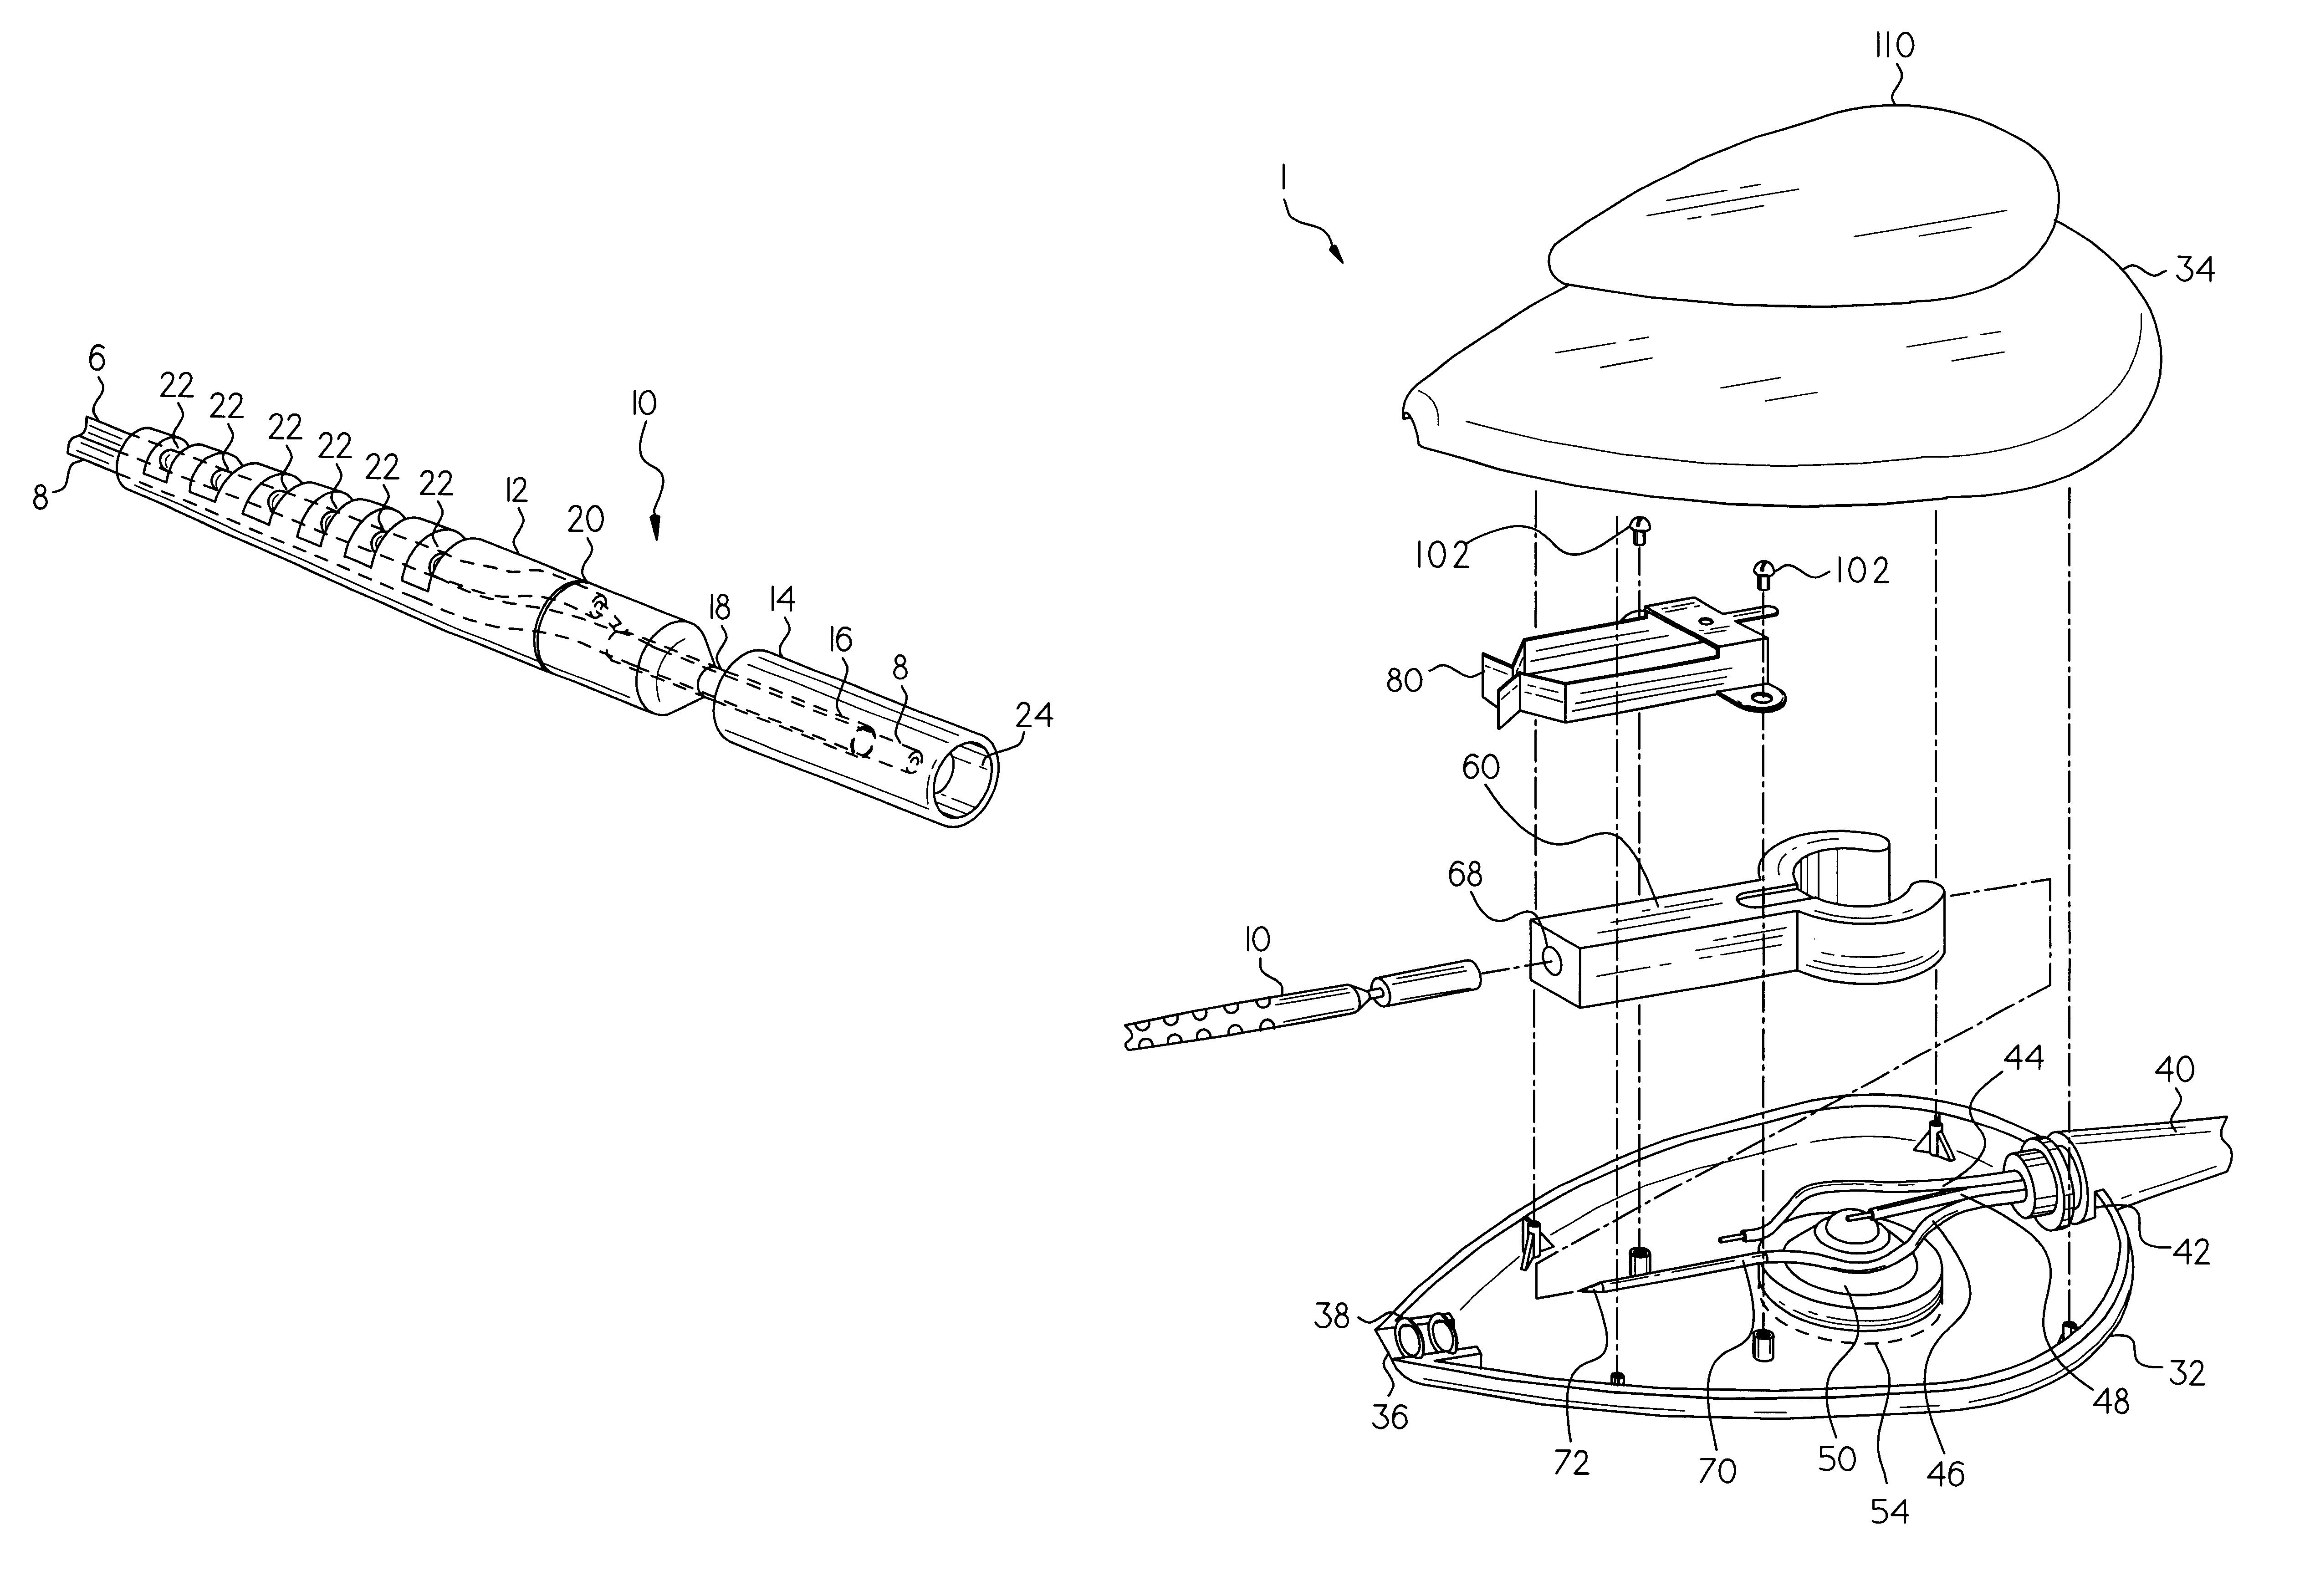 patent us6321103